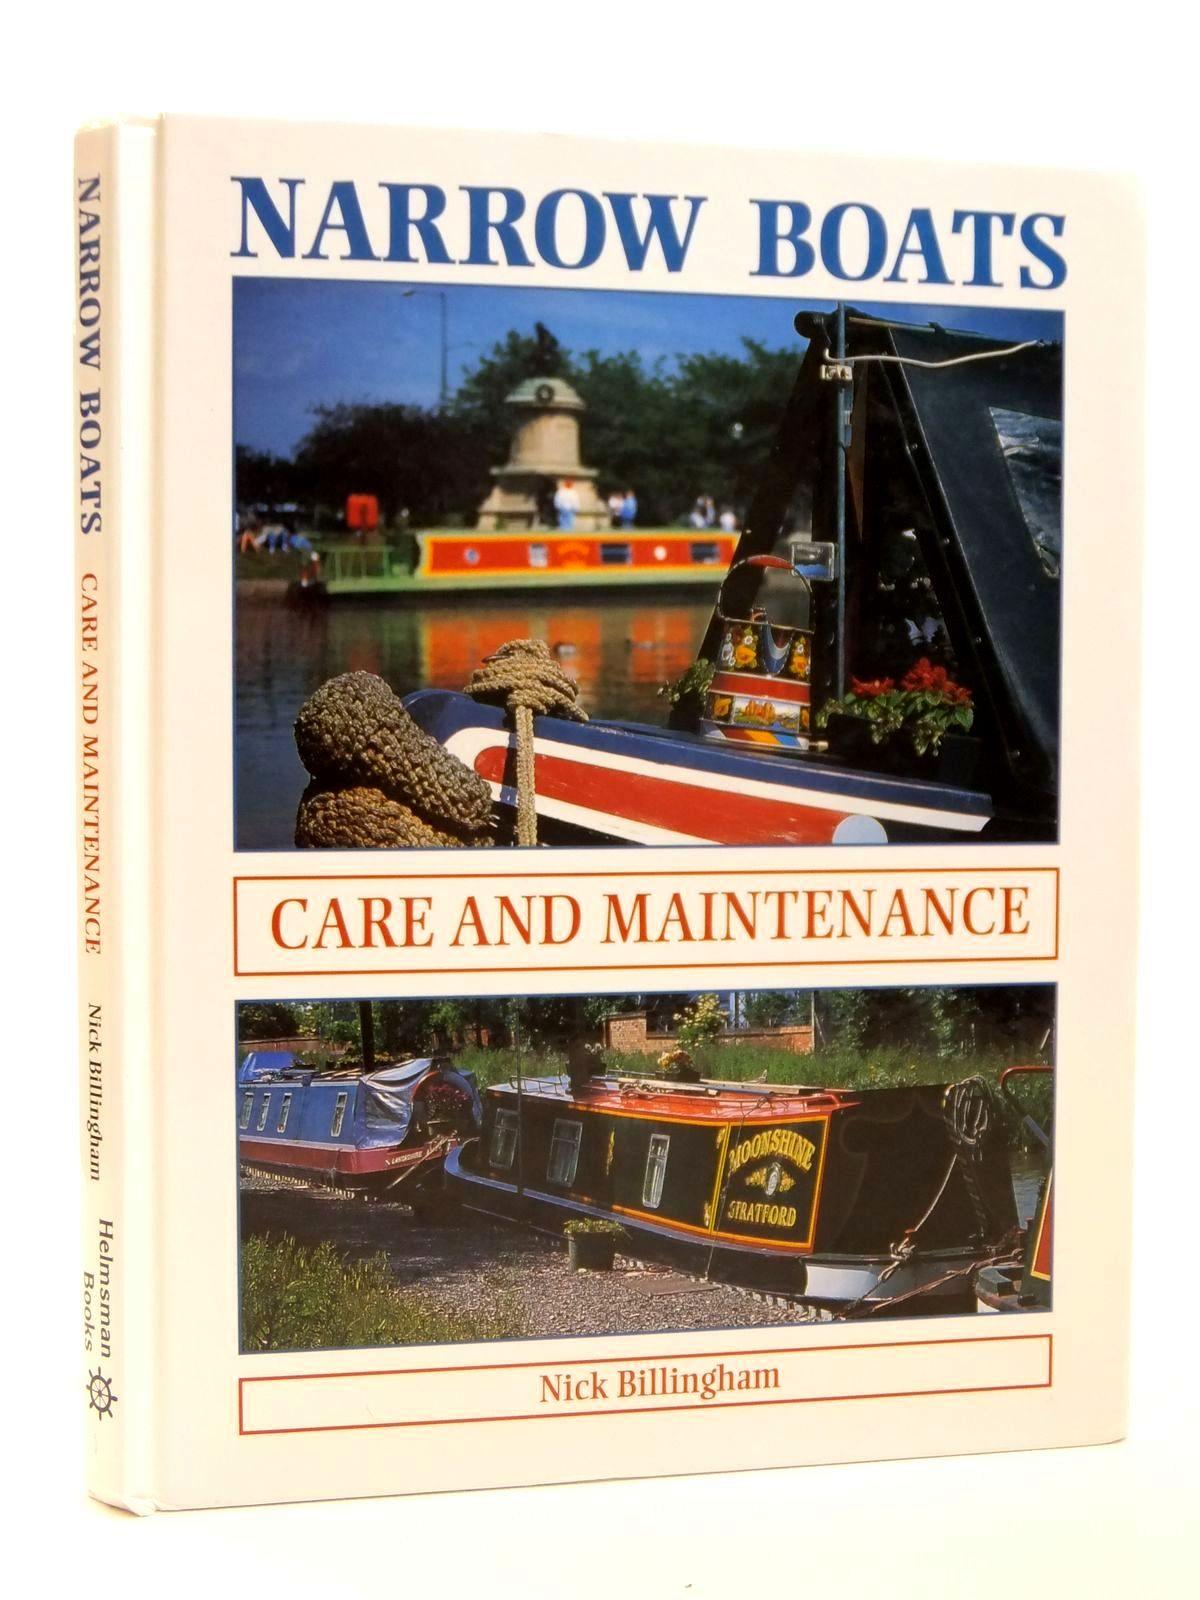 Photo of NARROW BOATS CARE AND MAINTENACE